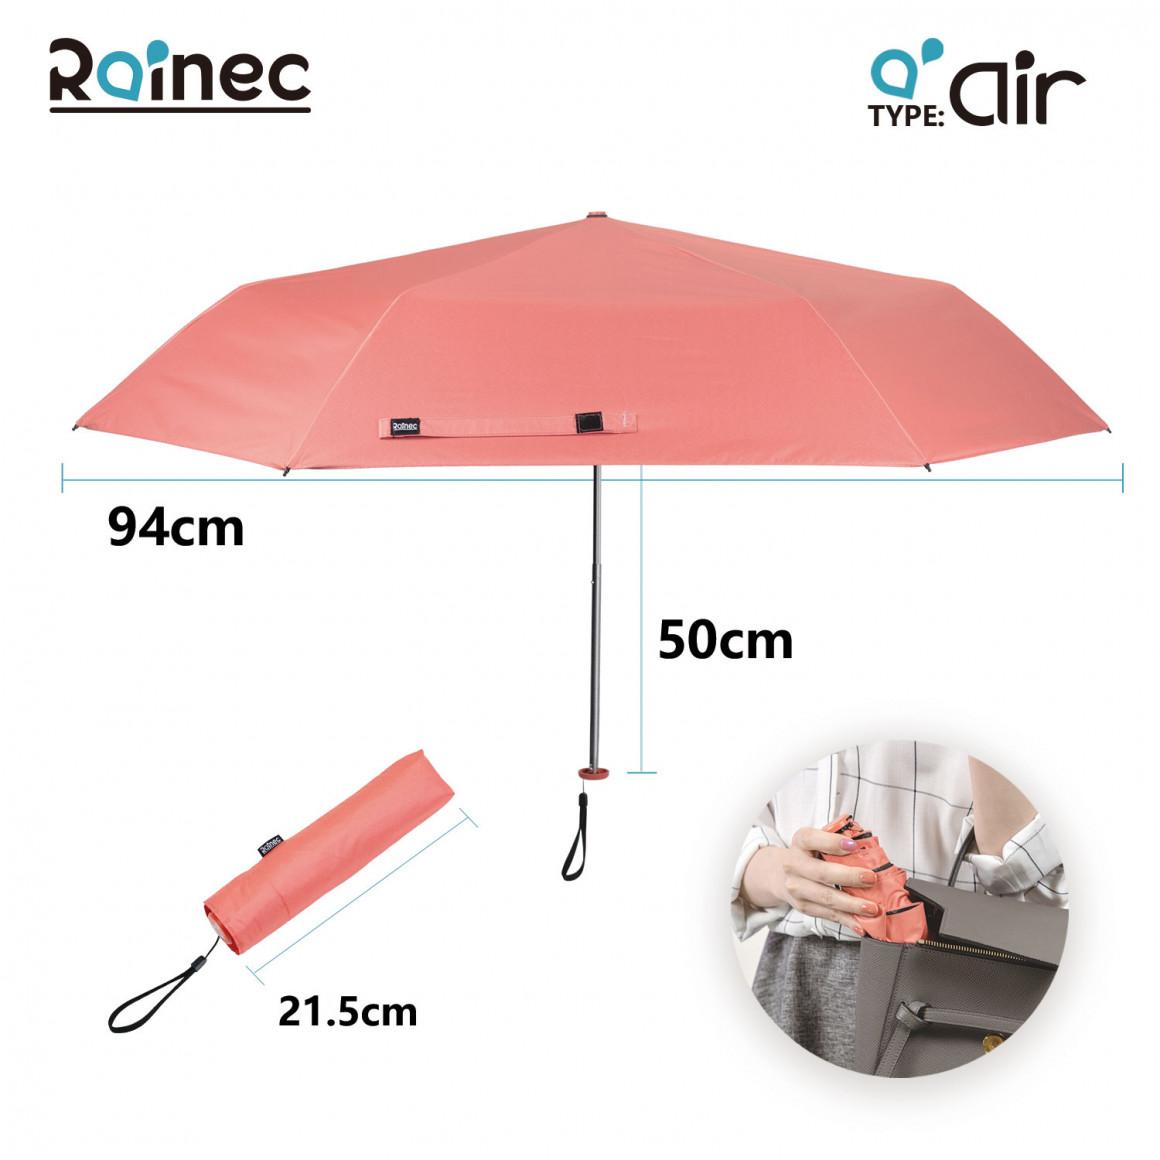 rainec-air-red-02-1160x1160.jpg